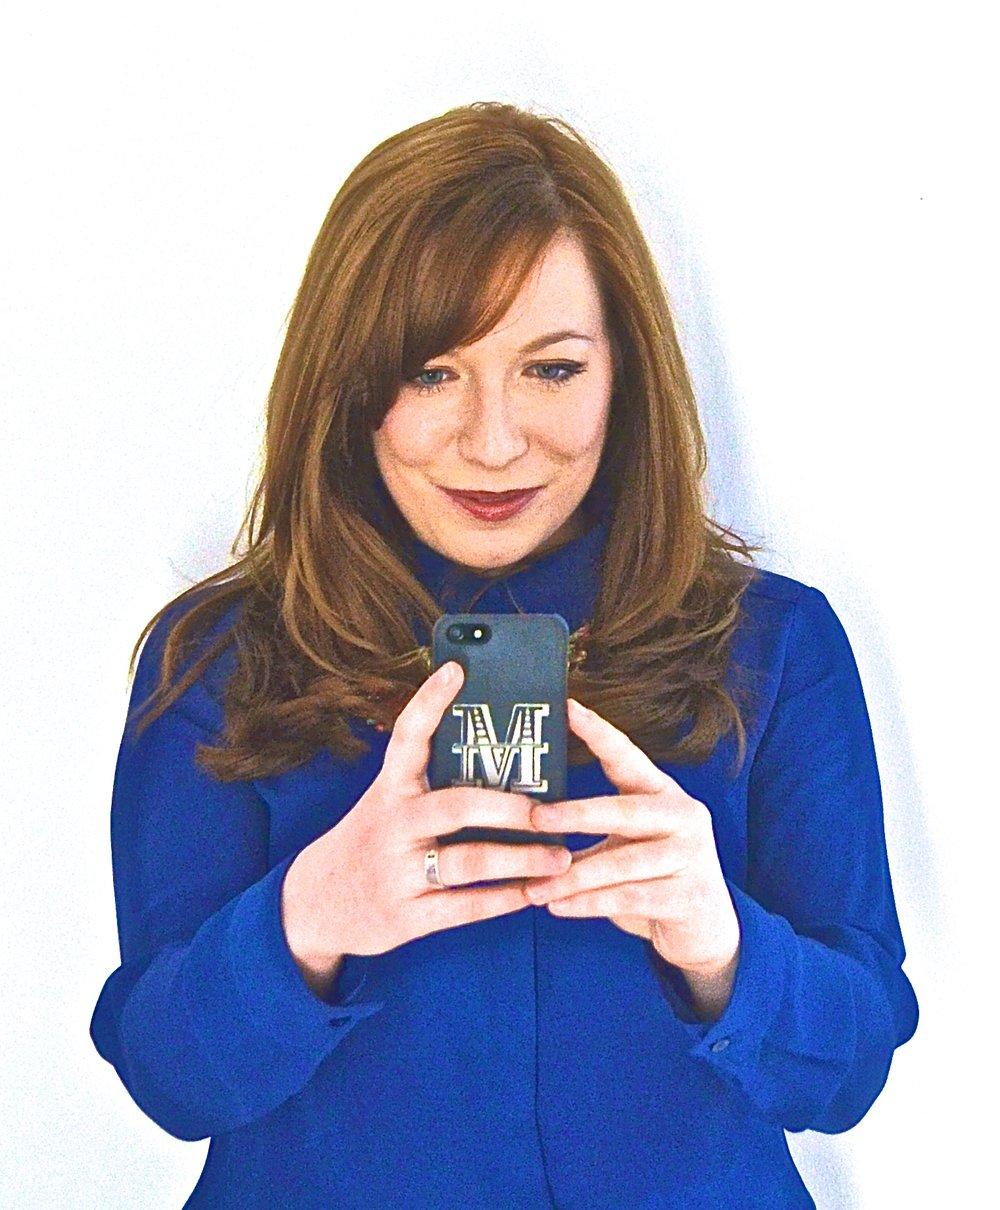 maria alexis ure - Founder